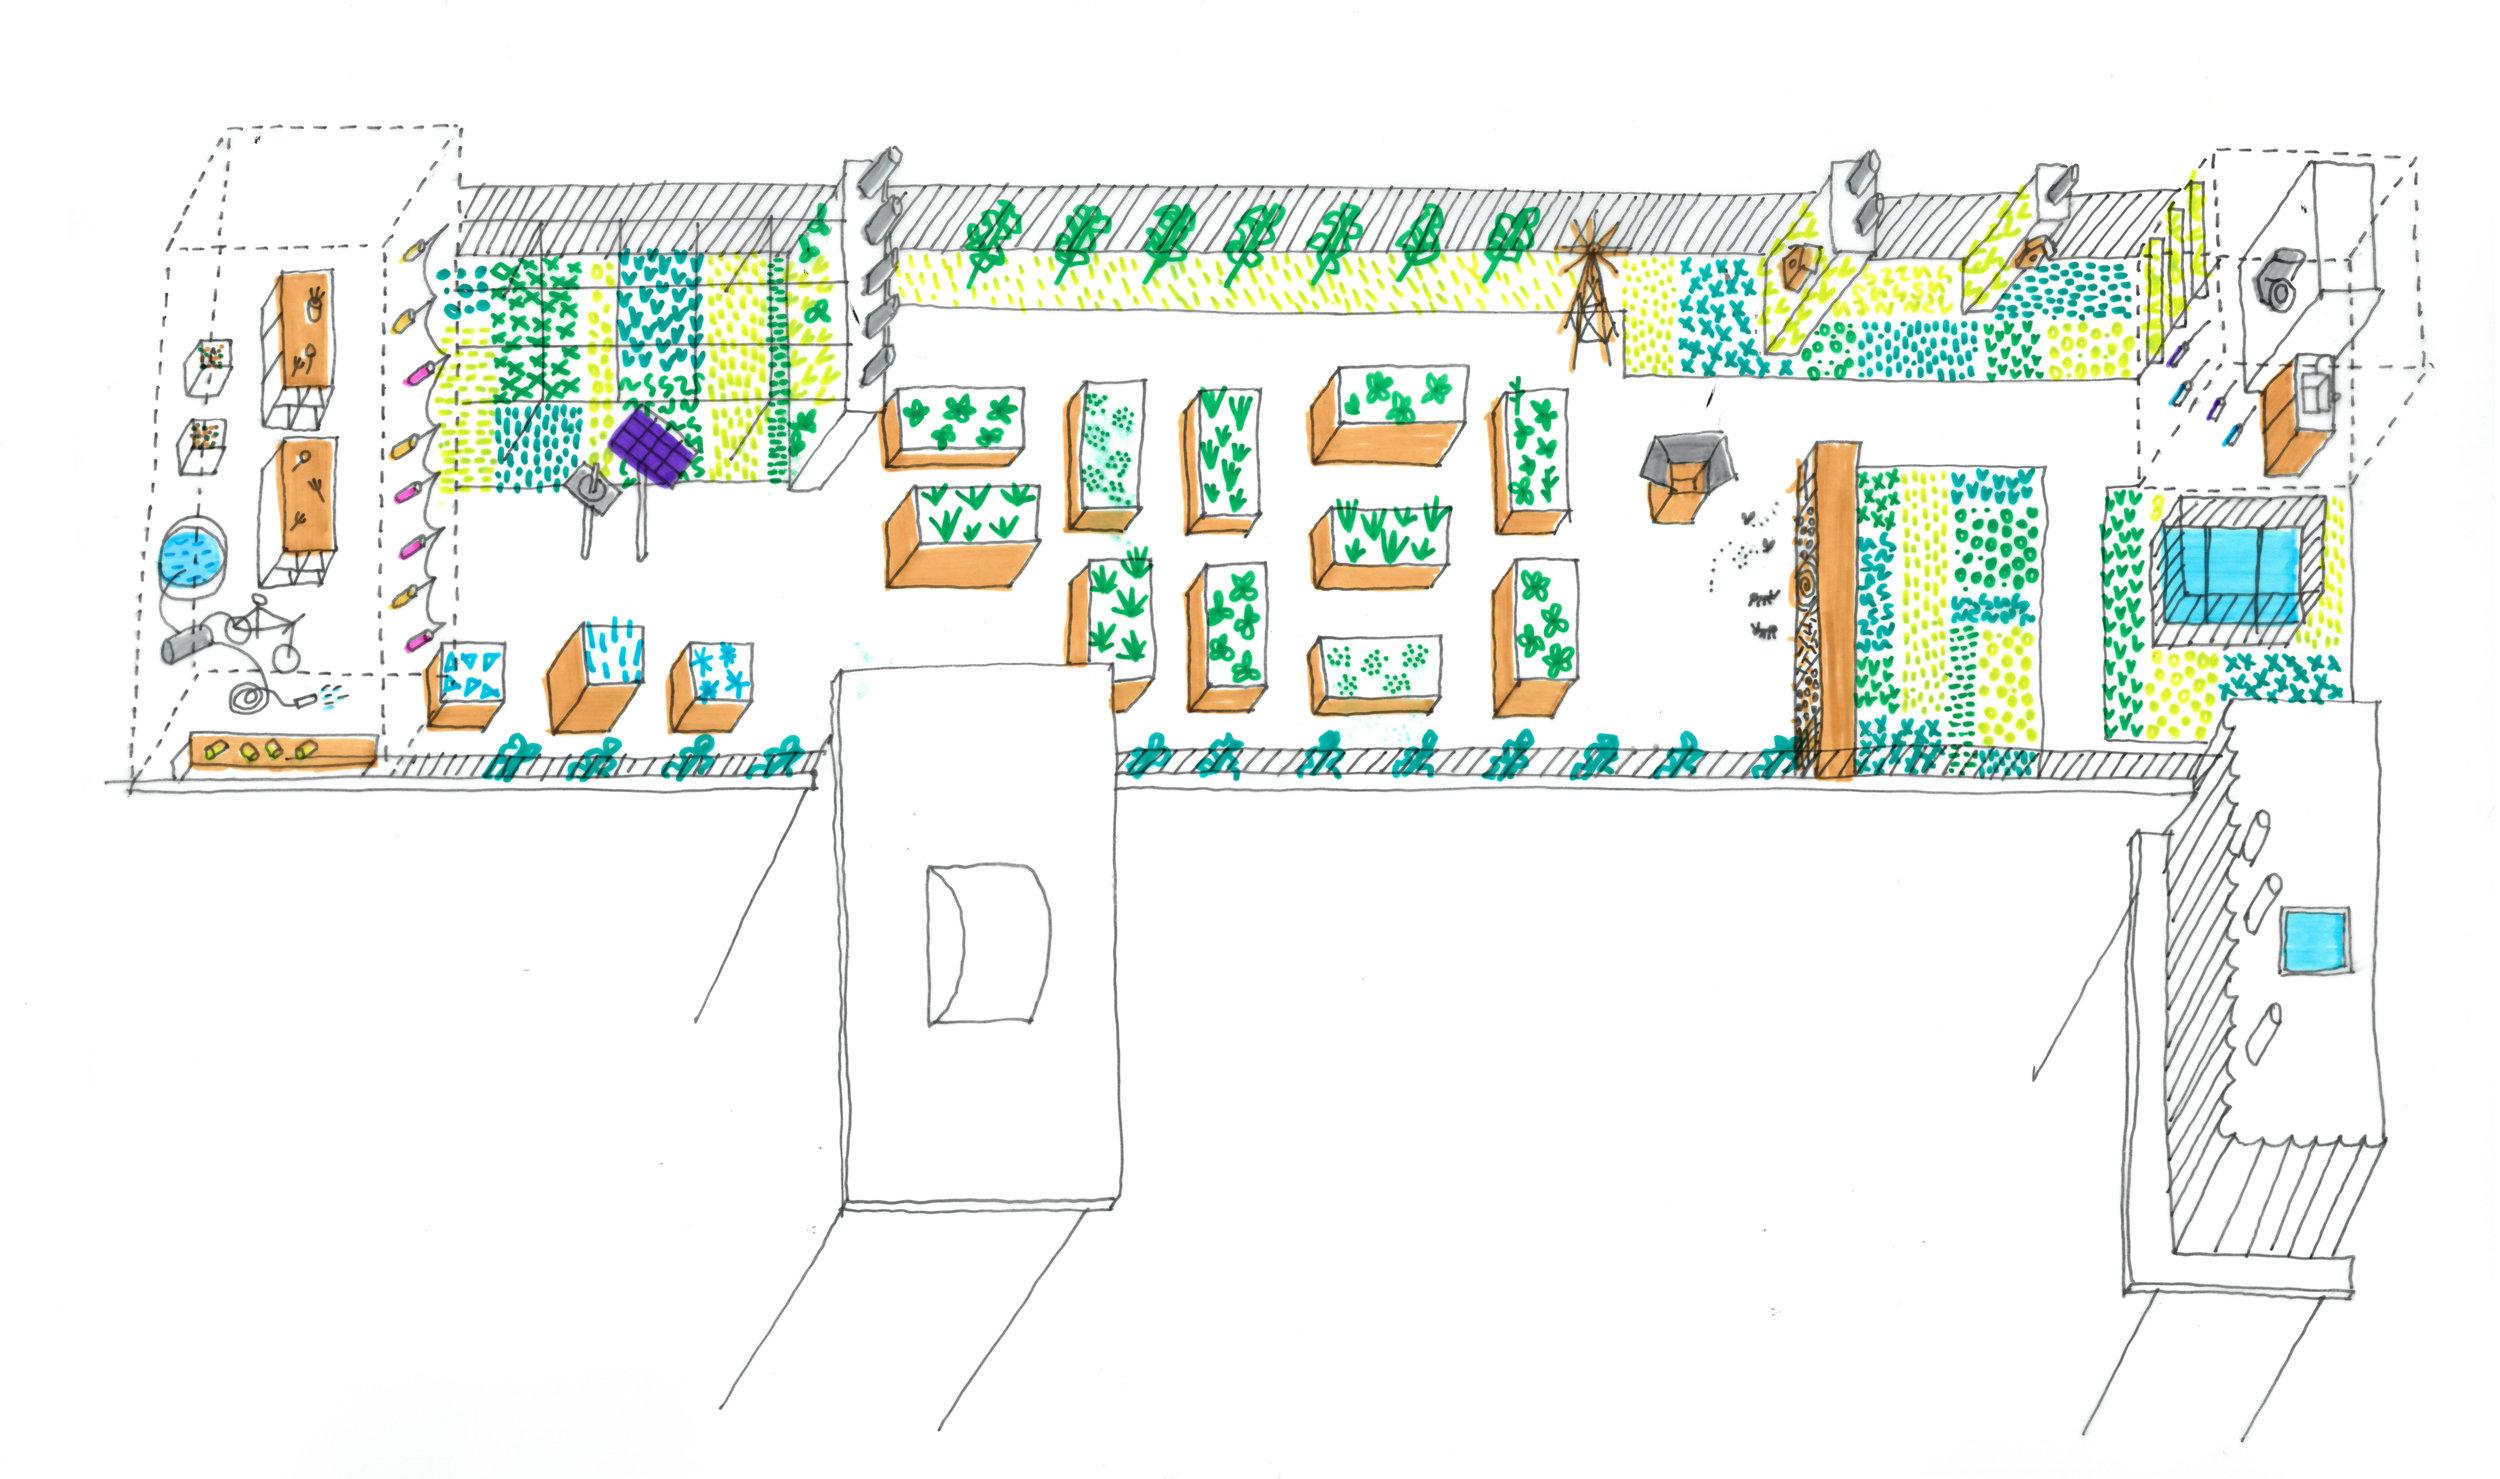 Jardin sur les toits Ecole Saint-Martin Paris 3e - programme : Création d'un nouvel escalier, réhausse des gardes-corps et création de bacs potagers et végétalisation extensivemaîtrise d'ouvrage: SLA 1234maîtrise d'oeuvre: Palast, I+A (structure), BIE (fluides)mission : complètebudget : 300 000 €lieu : Rue Saint-Martin, 75003calendrier : chantier en cours